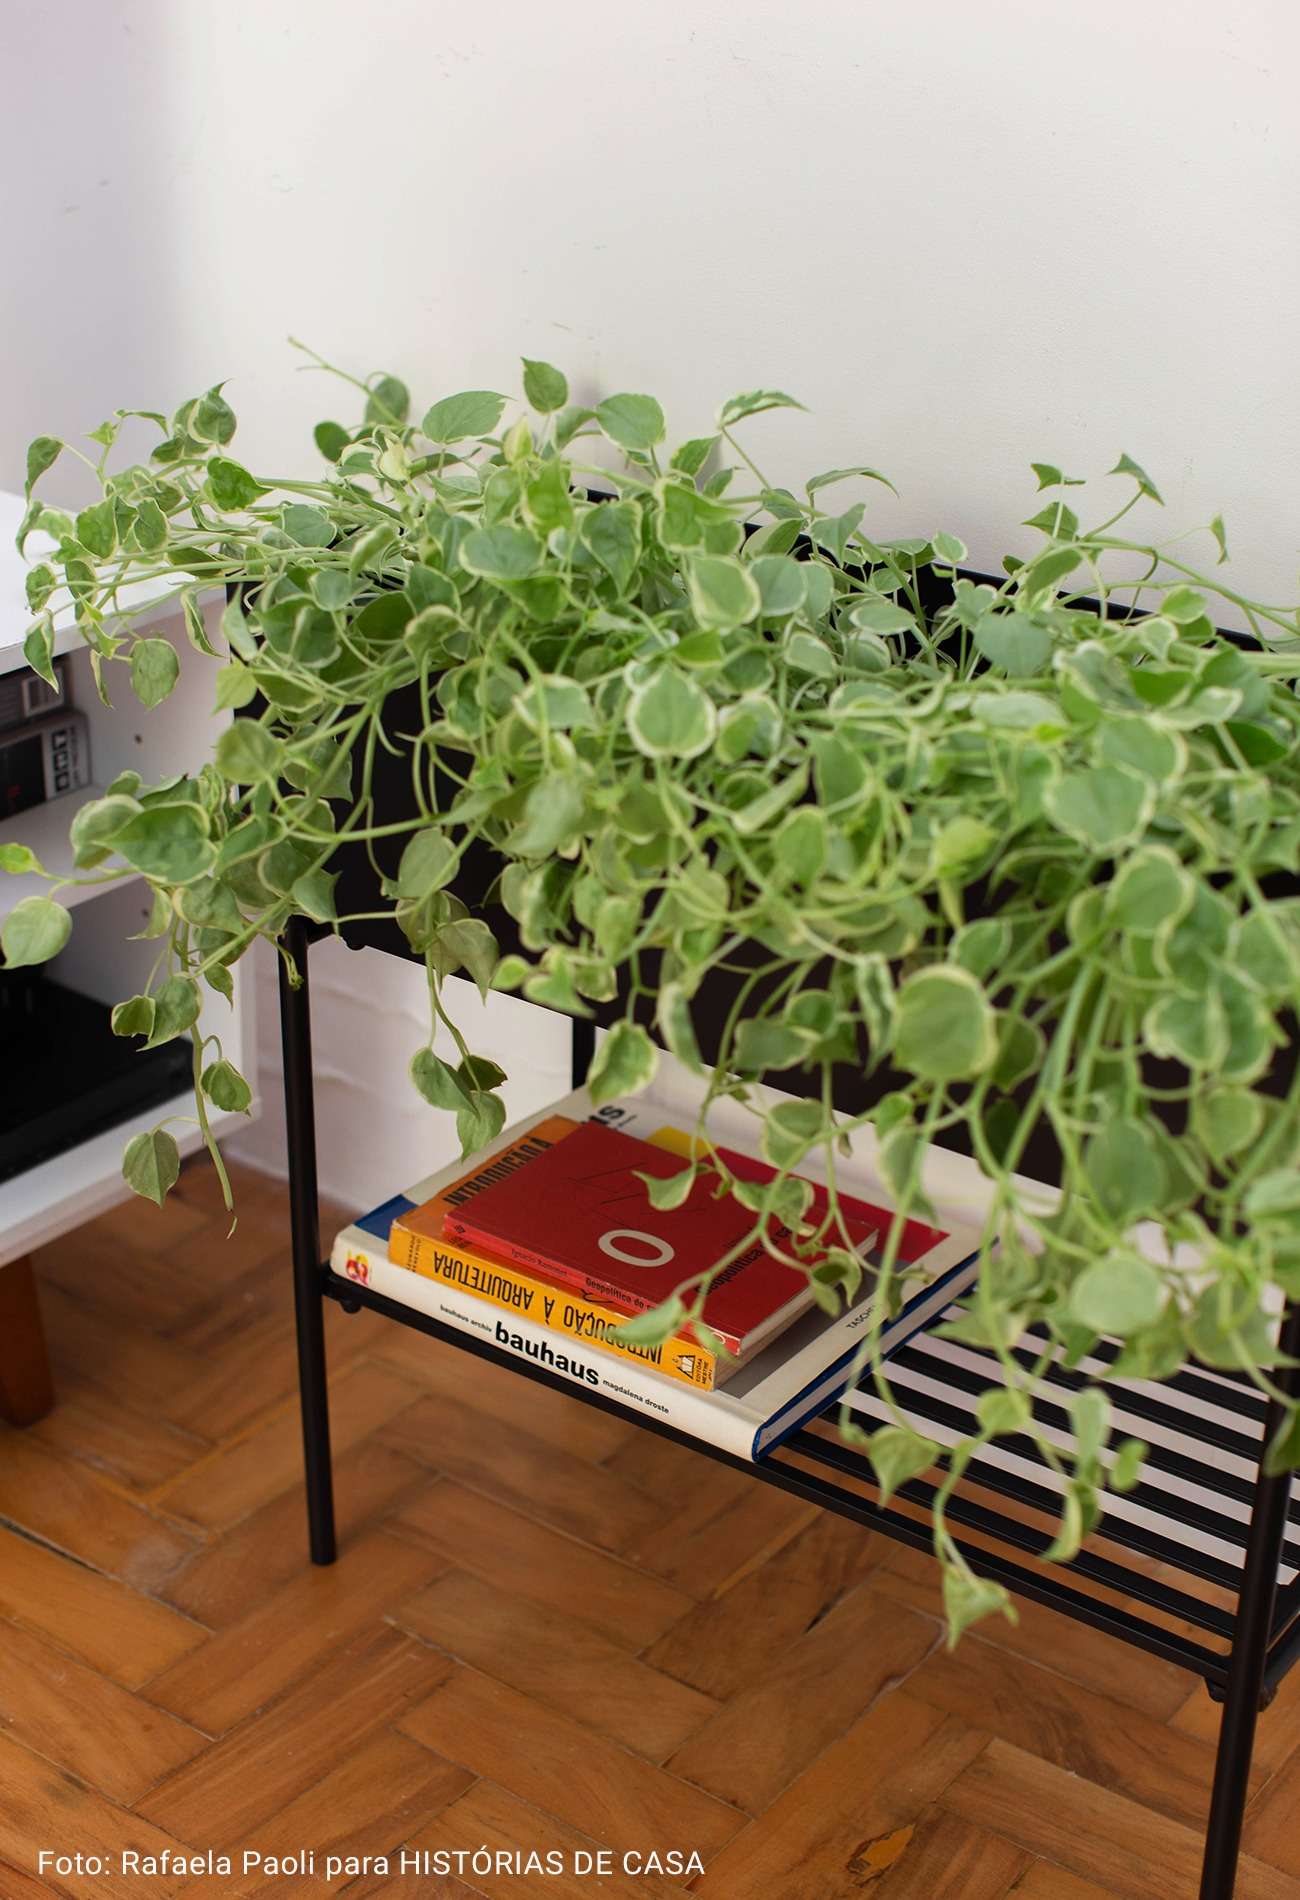 cahcepot de ferro com plantas e livros